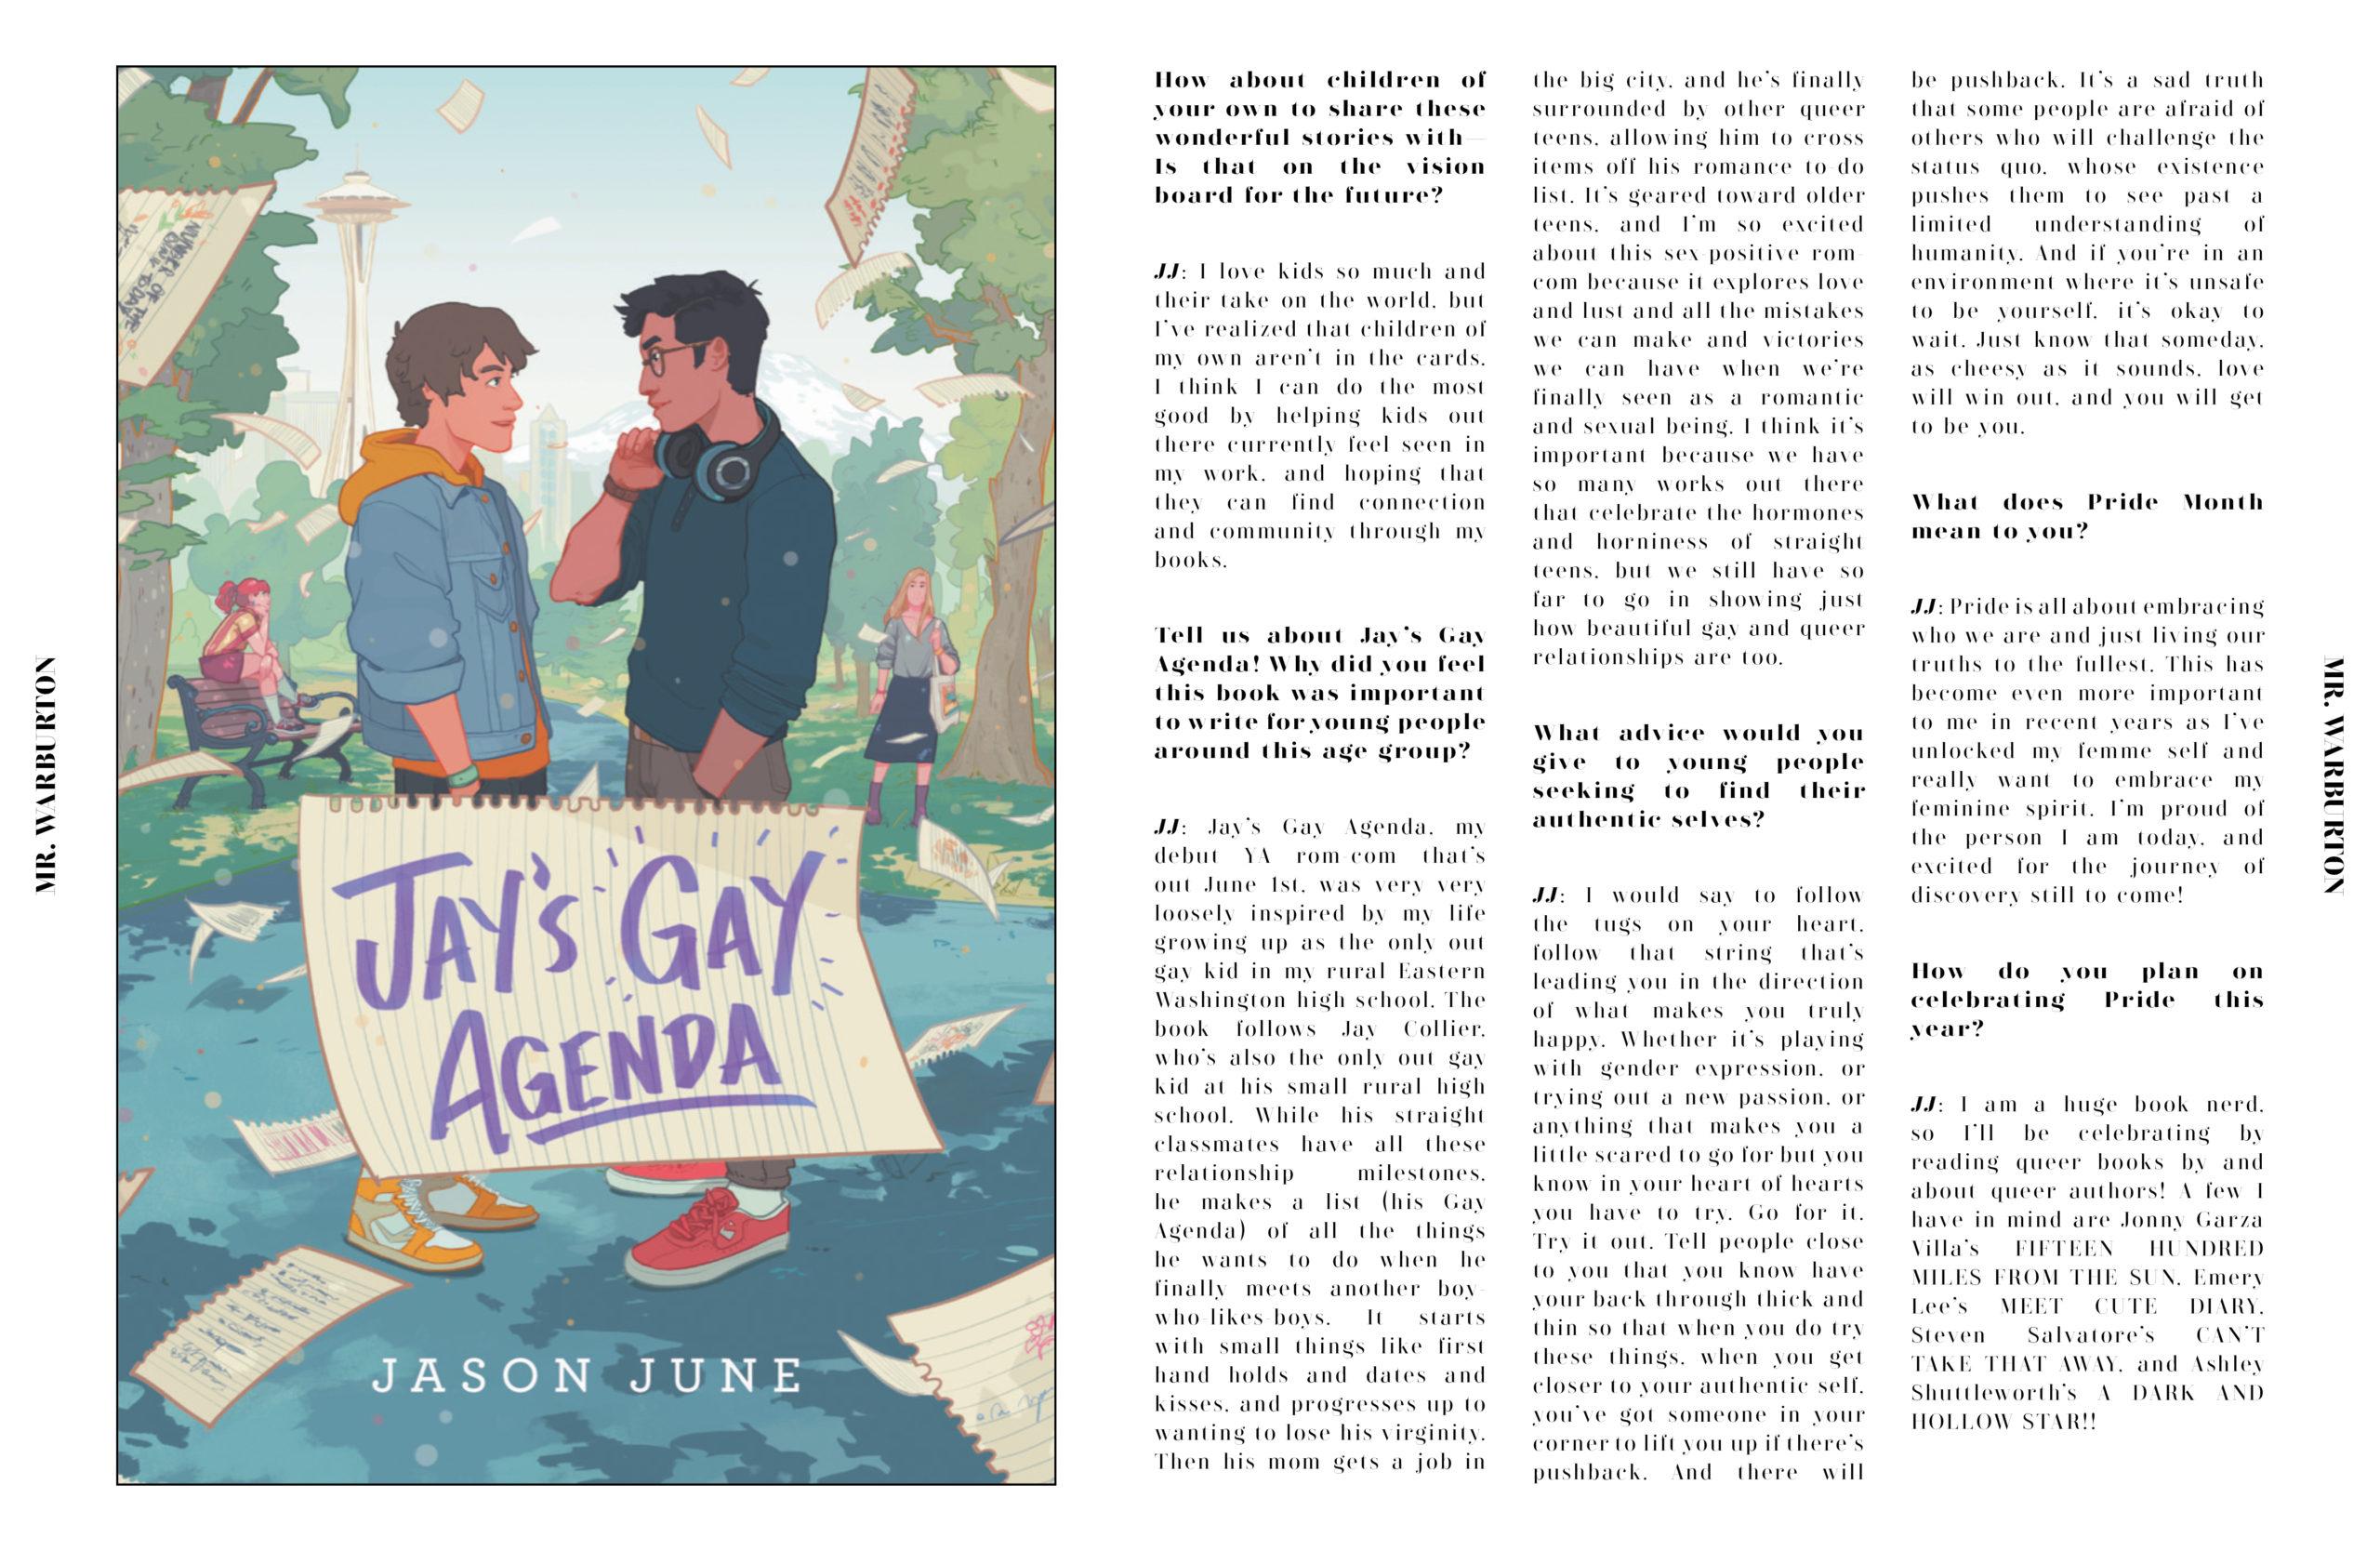 Mr. Warburton Magazine Jason June